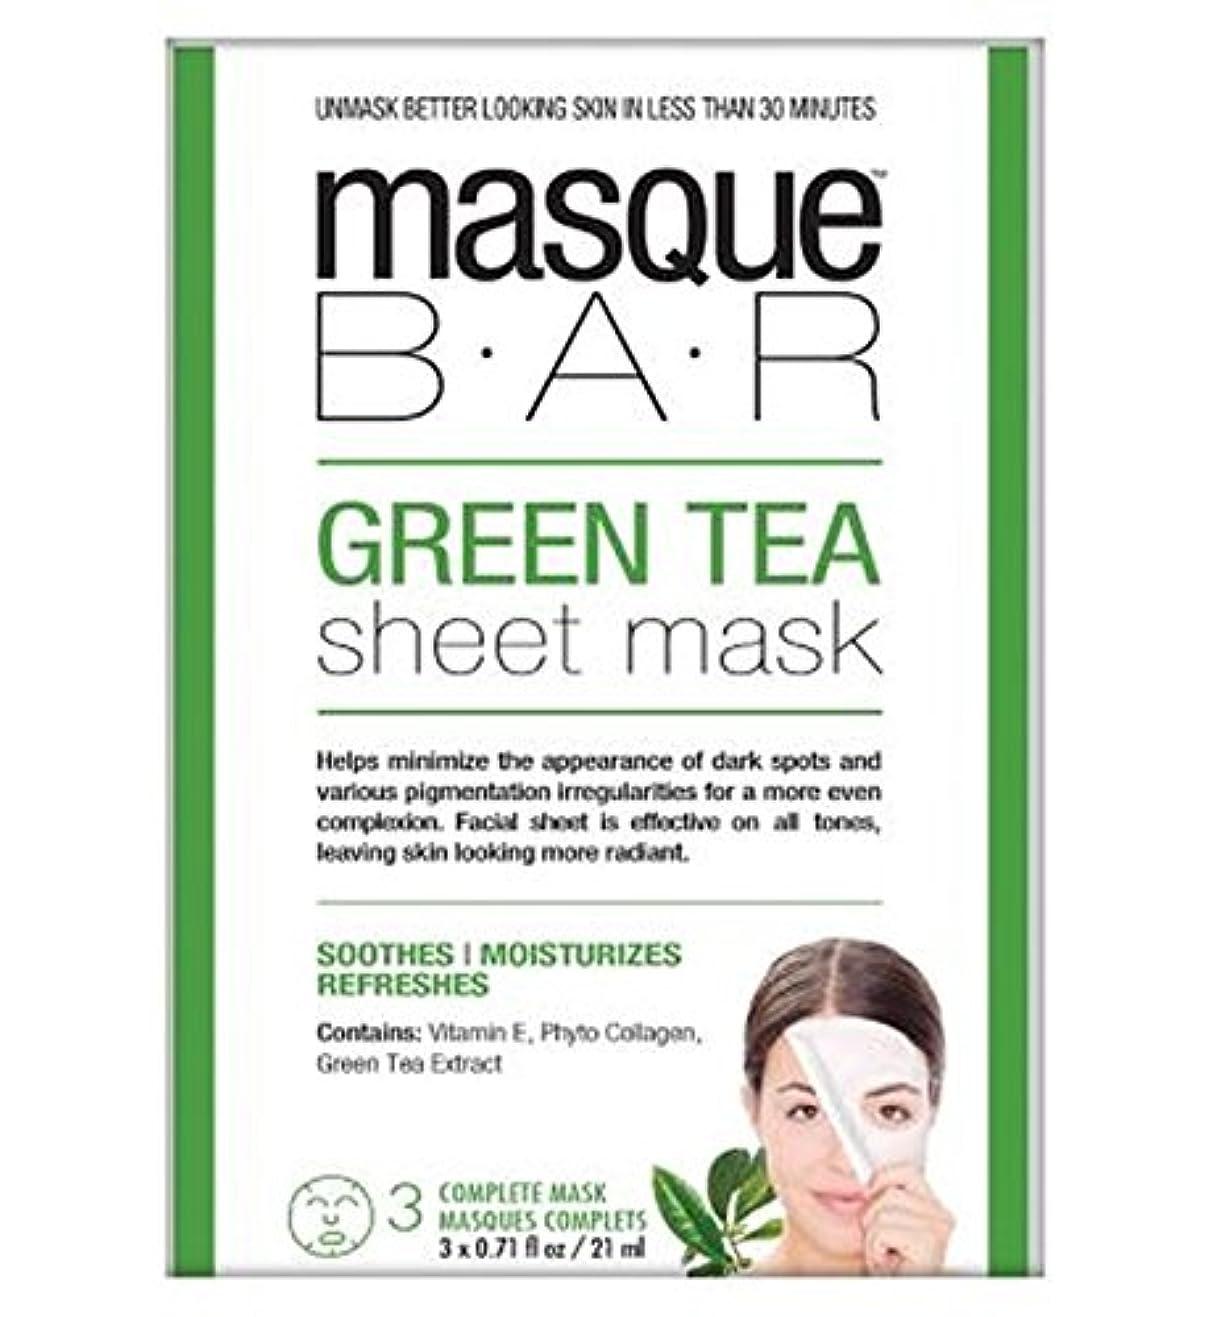 持続的運ぶ攻撃的仮面劇バー緑茶シートマスク - 3完全なマスク (P6B Masque Bar Bt) (x2) - Masque Bar Green Tea Sheet Mask - 3 complete masks (Pack of...